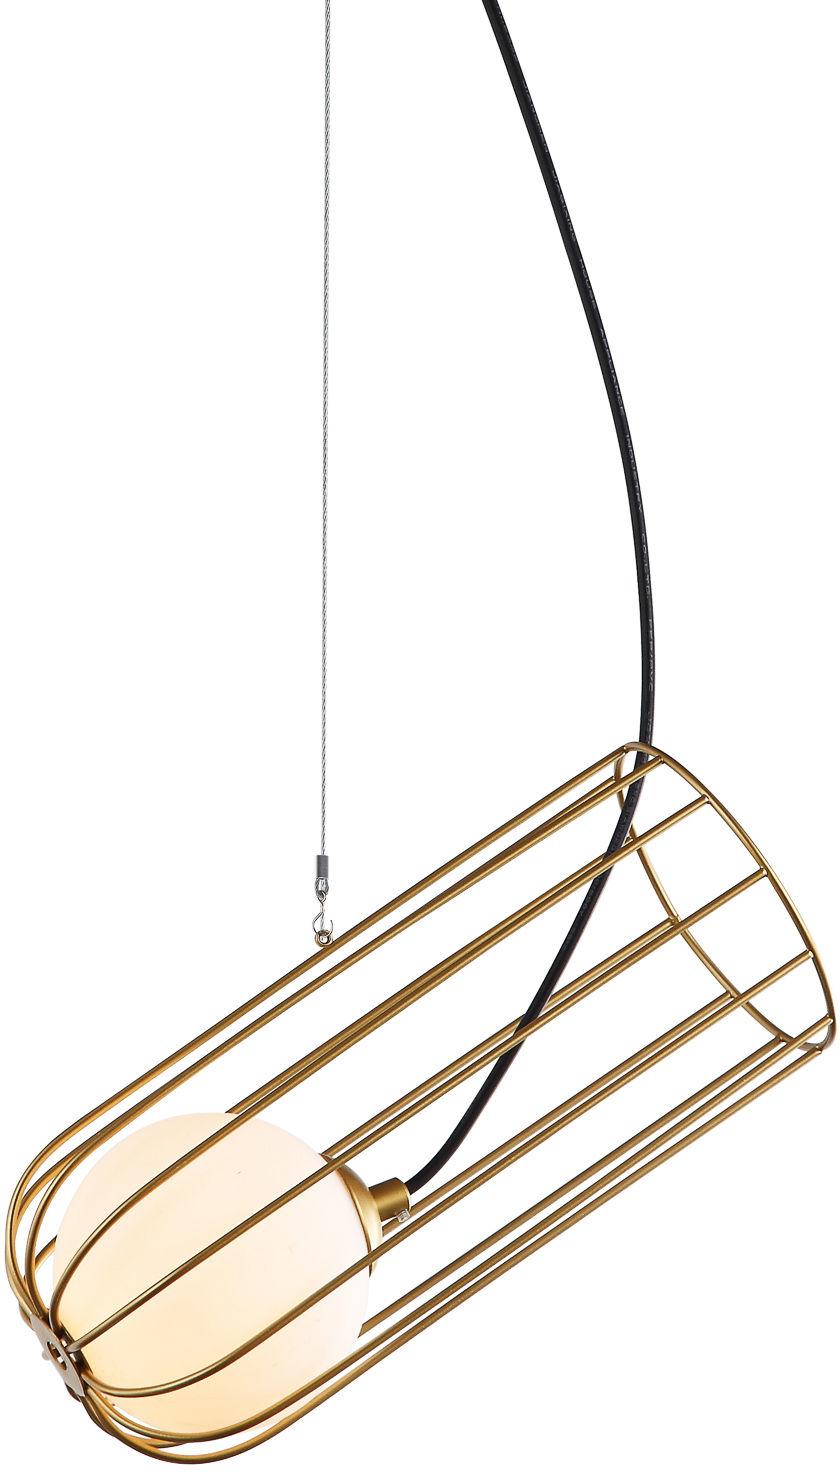 Italux lampa wisząca Coco MDM-3941/1 GD złota z szklanym kloszem 11,7cm